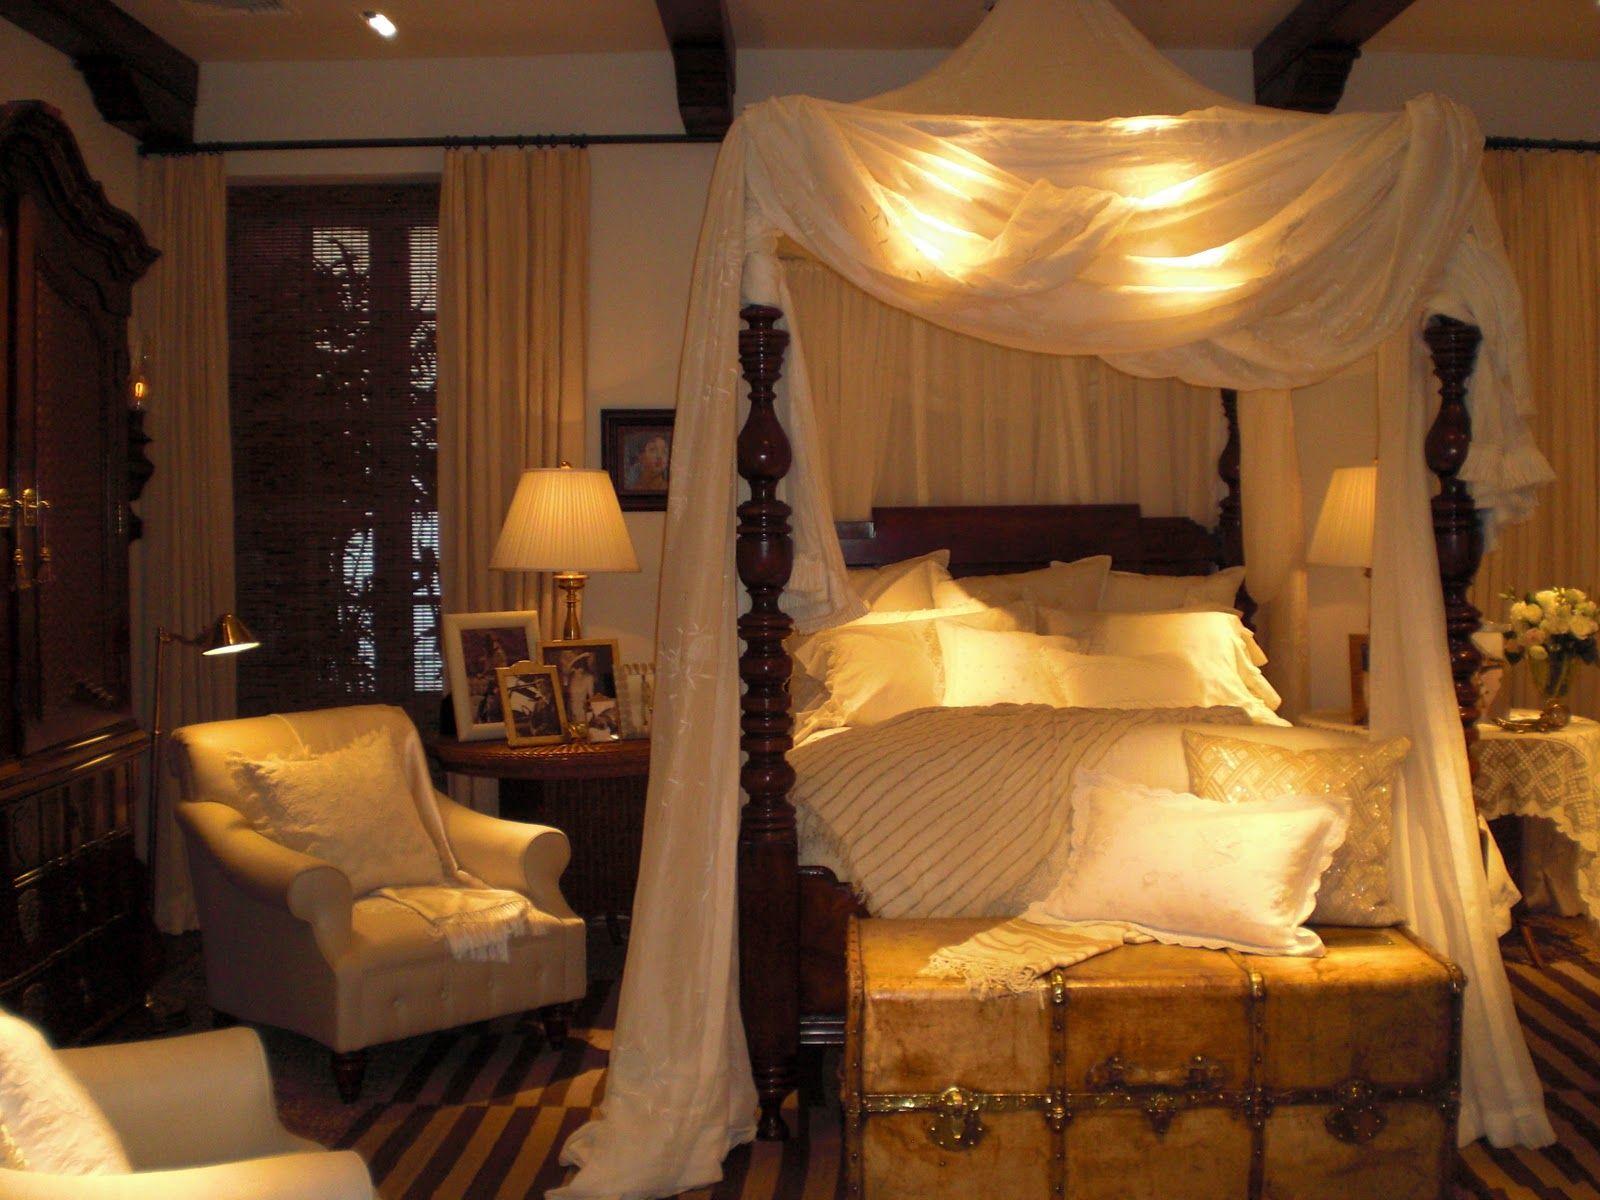 33+ Ralph lauren bedroom furniture collection ideas in 2021